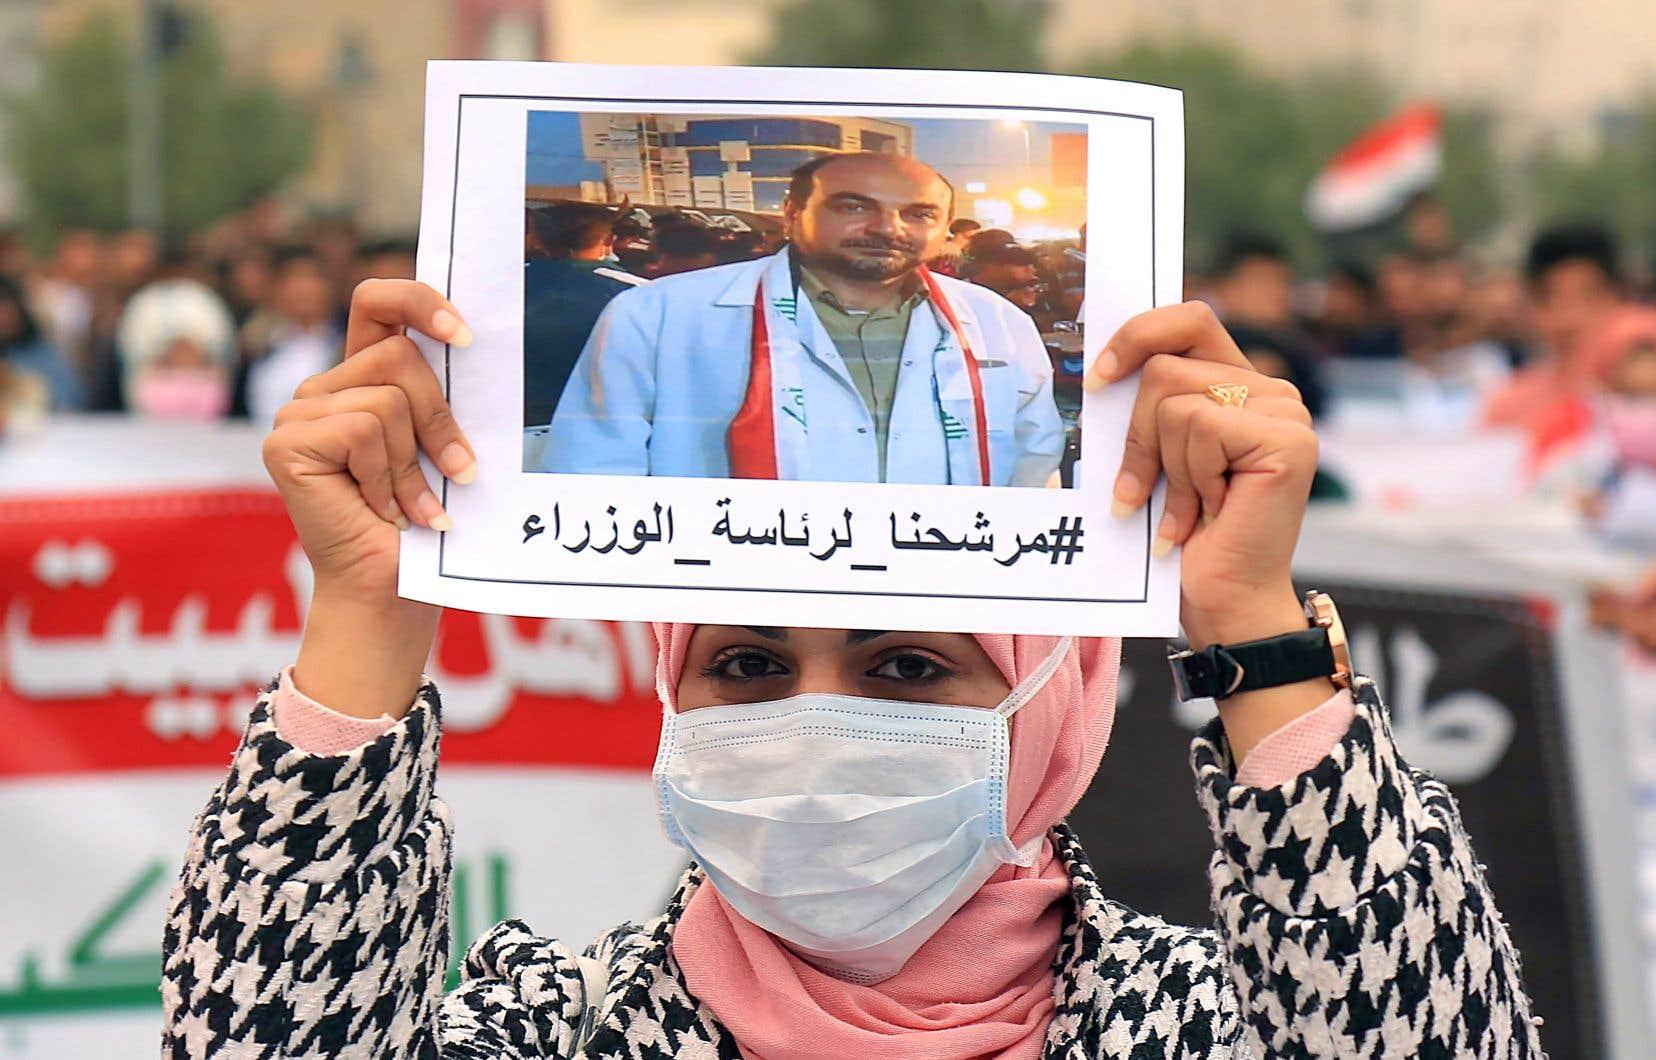 Des dizaines d'étudiants ont tenu à bout de bras des photos d'Alaa al-Rikaby lors d'un rassemblement à Kerbala dimanche. Le pharmacien est devenu une figure de la contestation à Nassiriya, fer de lance de la révolte dans le sud de l'Irak.